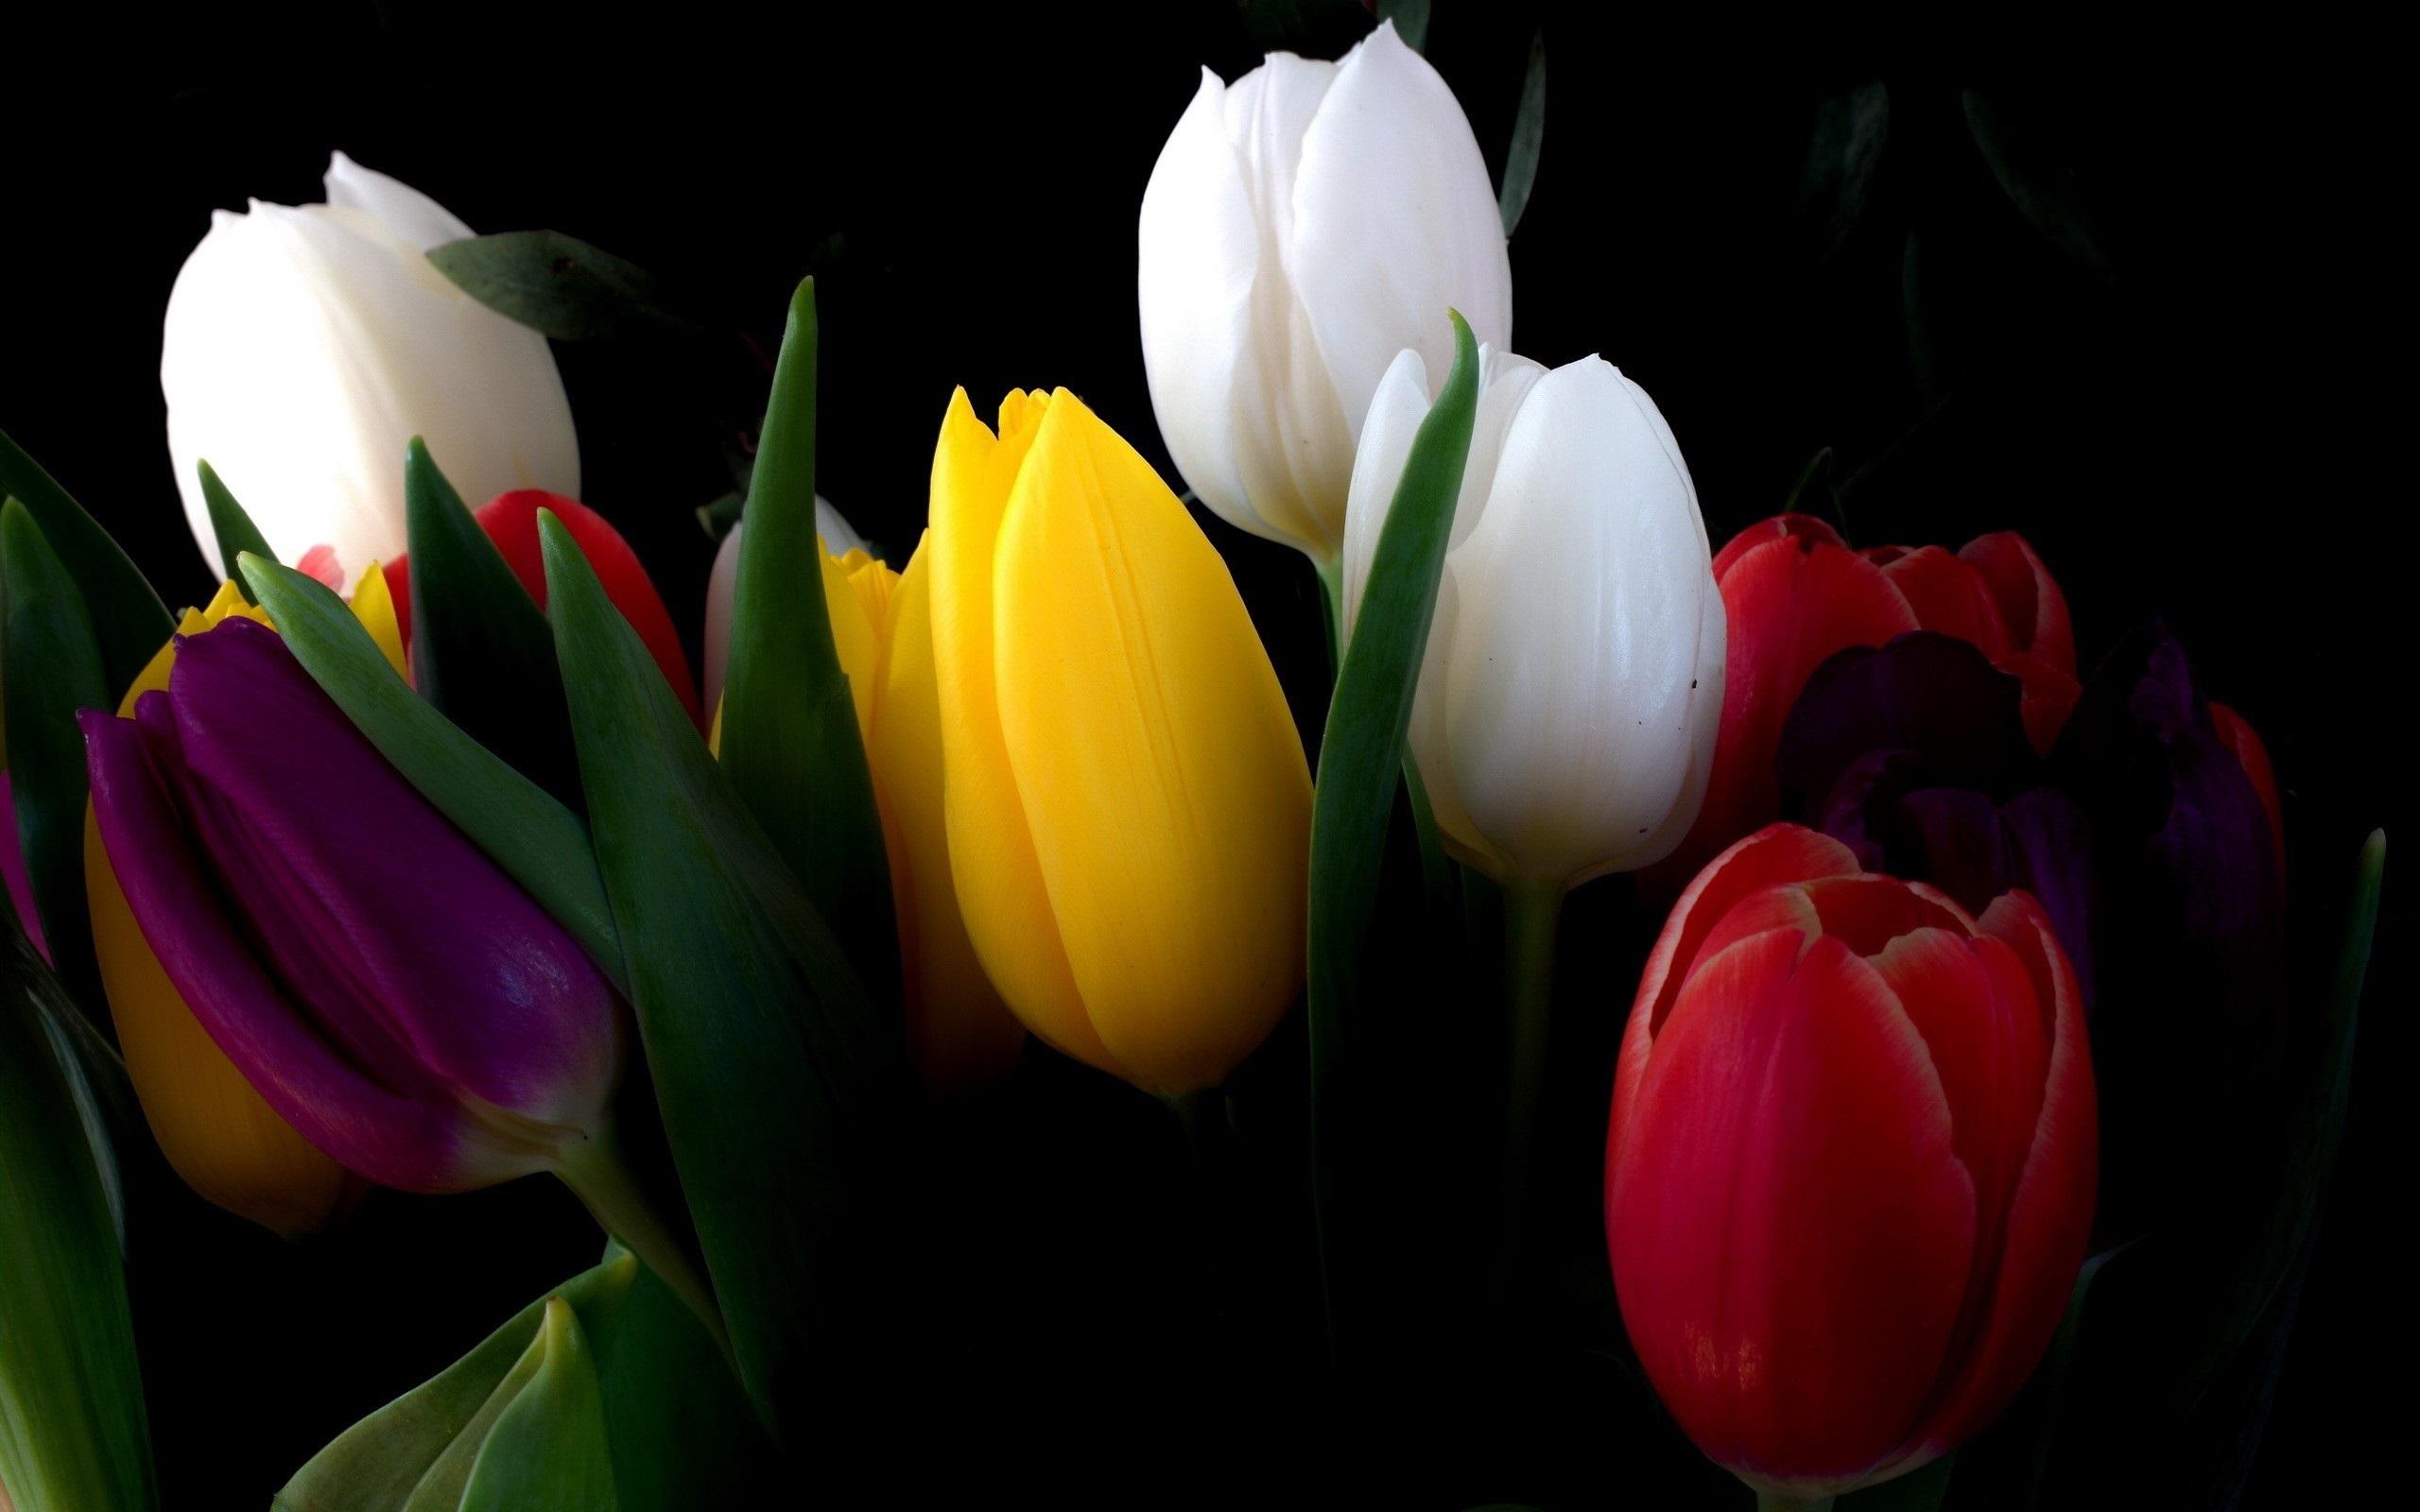 Картинки на рабочий стол цветы на темном фоне